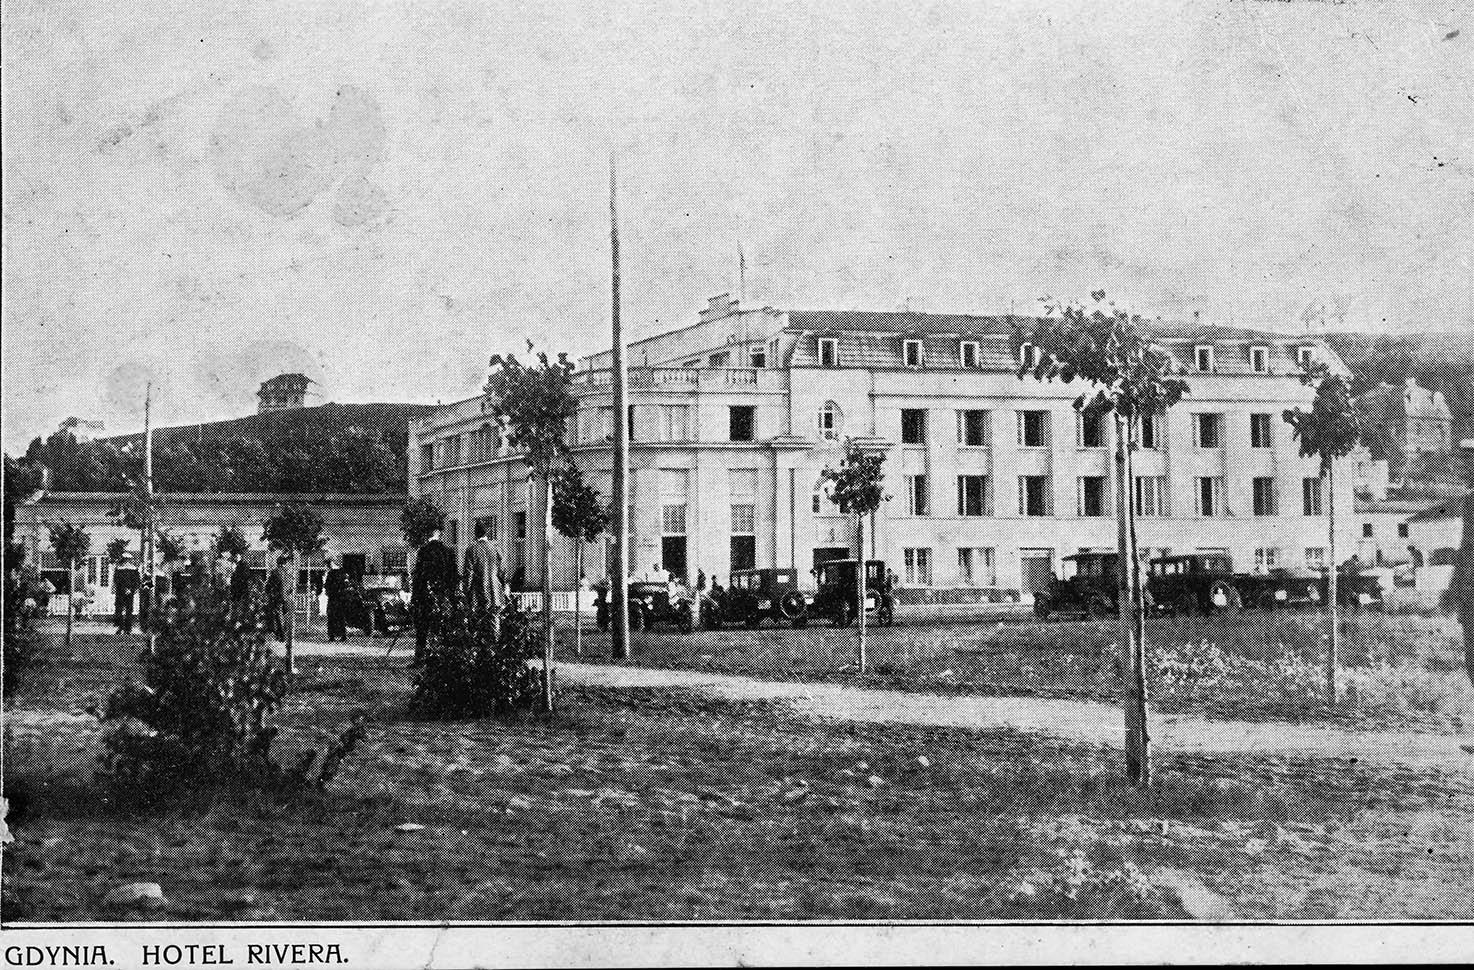 Budynki - Hotel Rivera